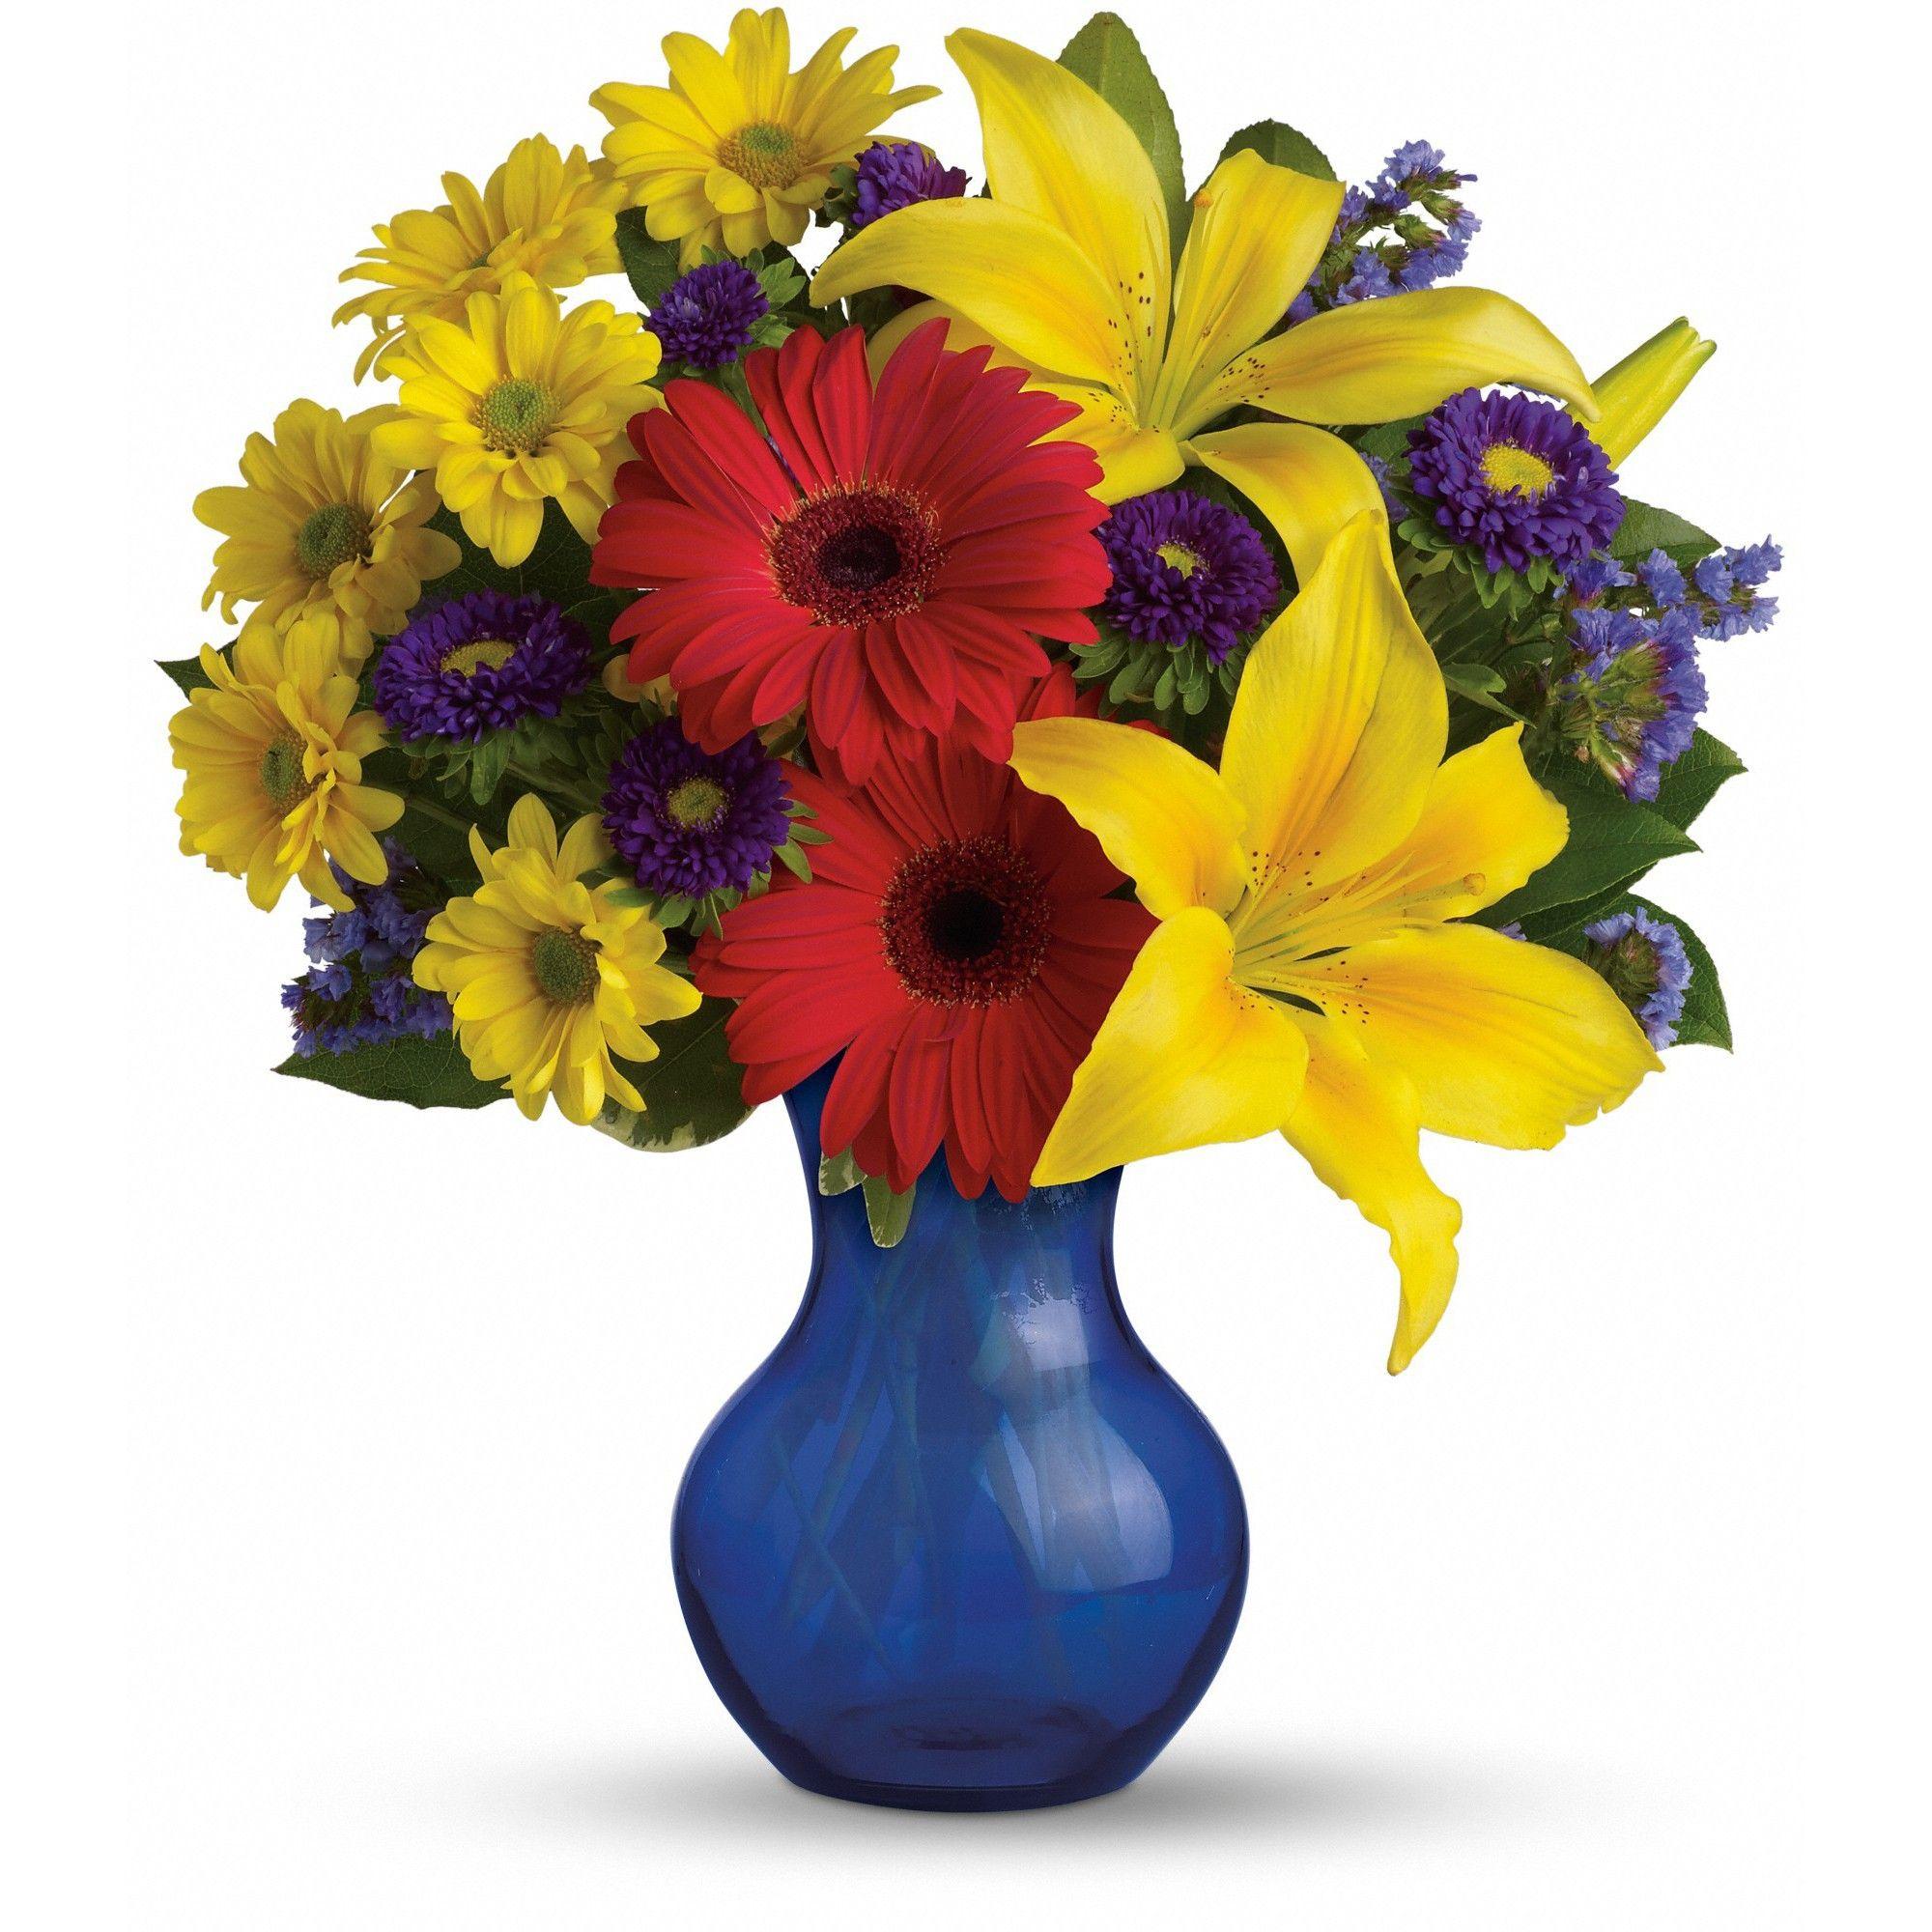 11 beautiful flower bouquets 11 gyönyörű virágcsokor